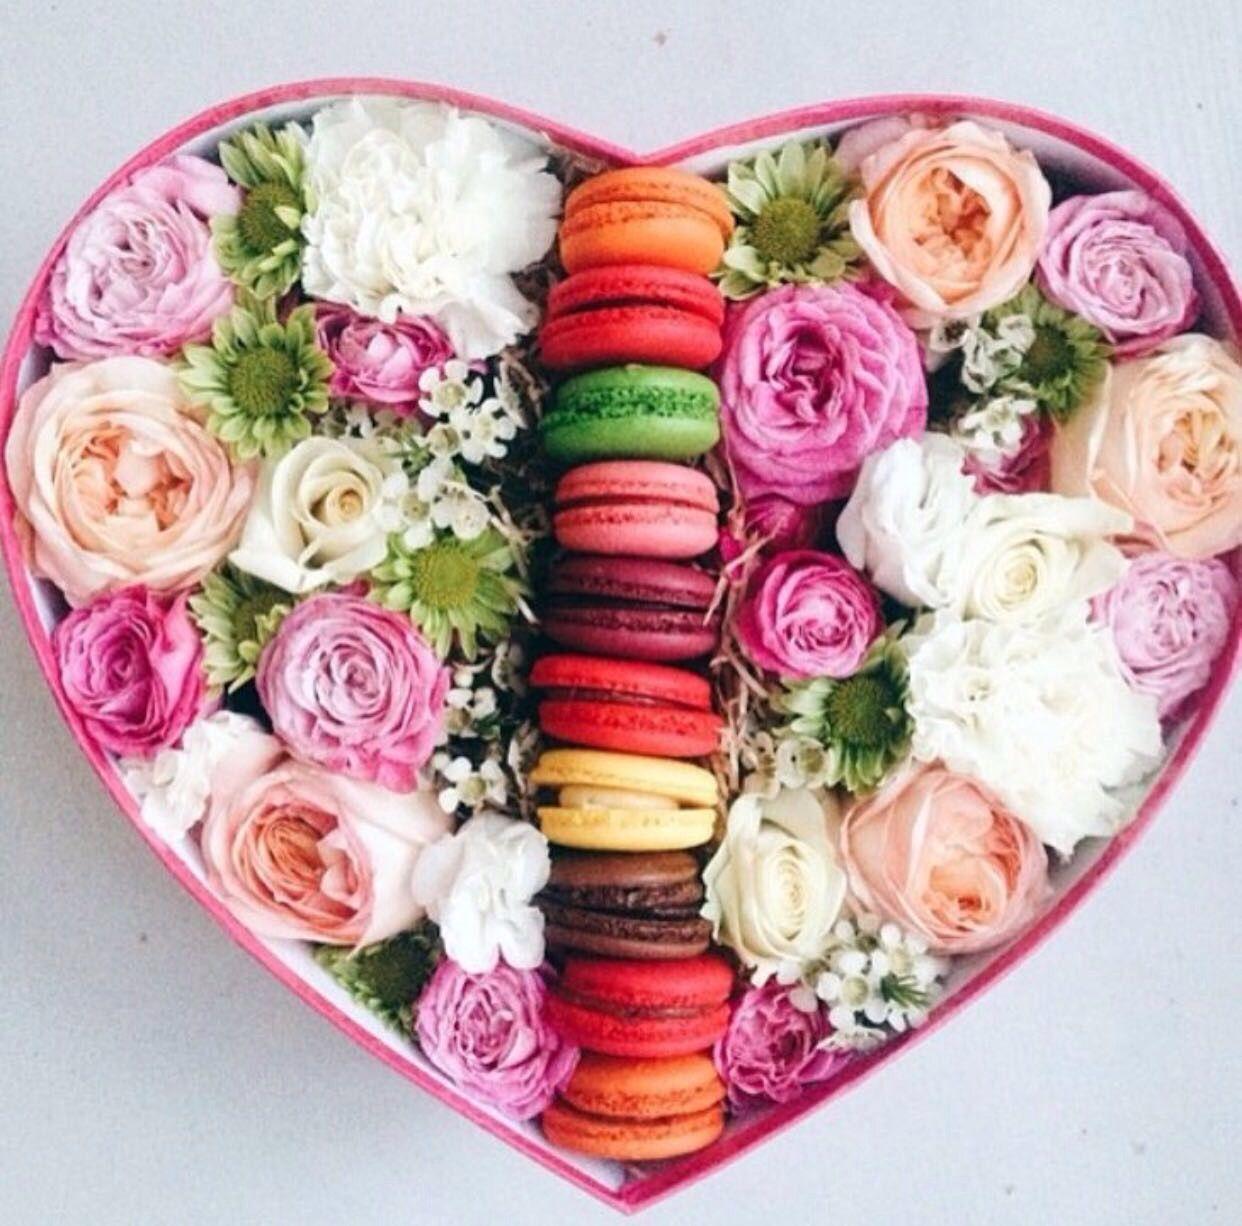 boite en cœur ❤ des fleurs et macarons   boites floral